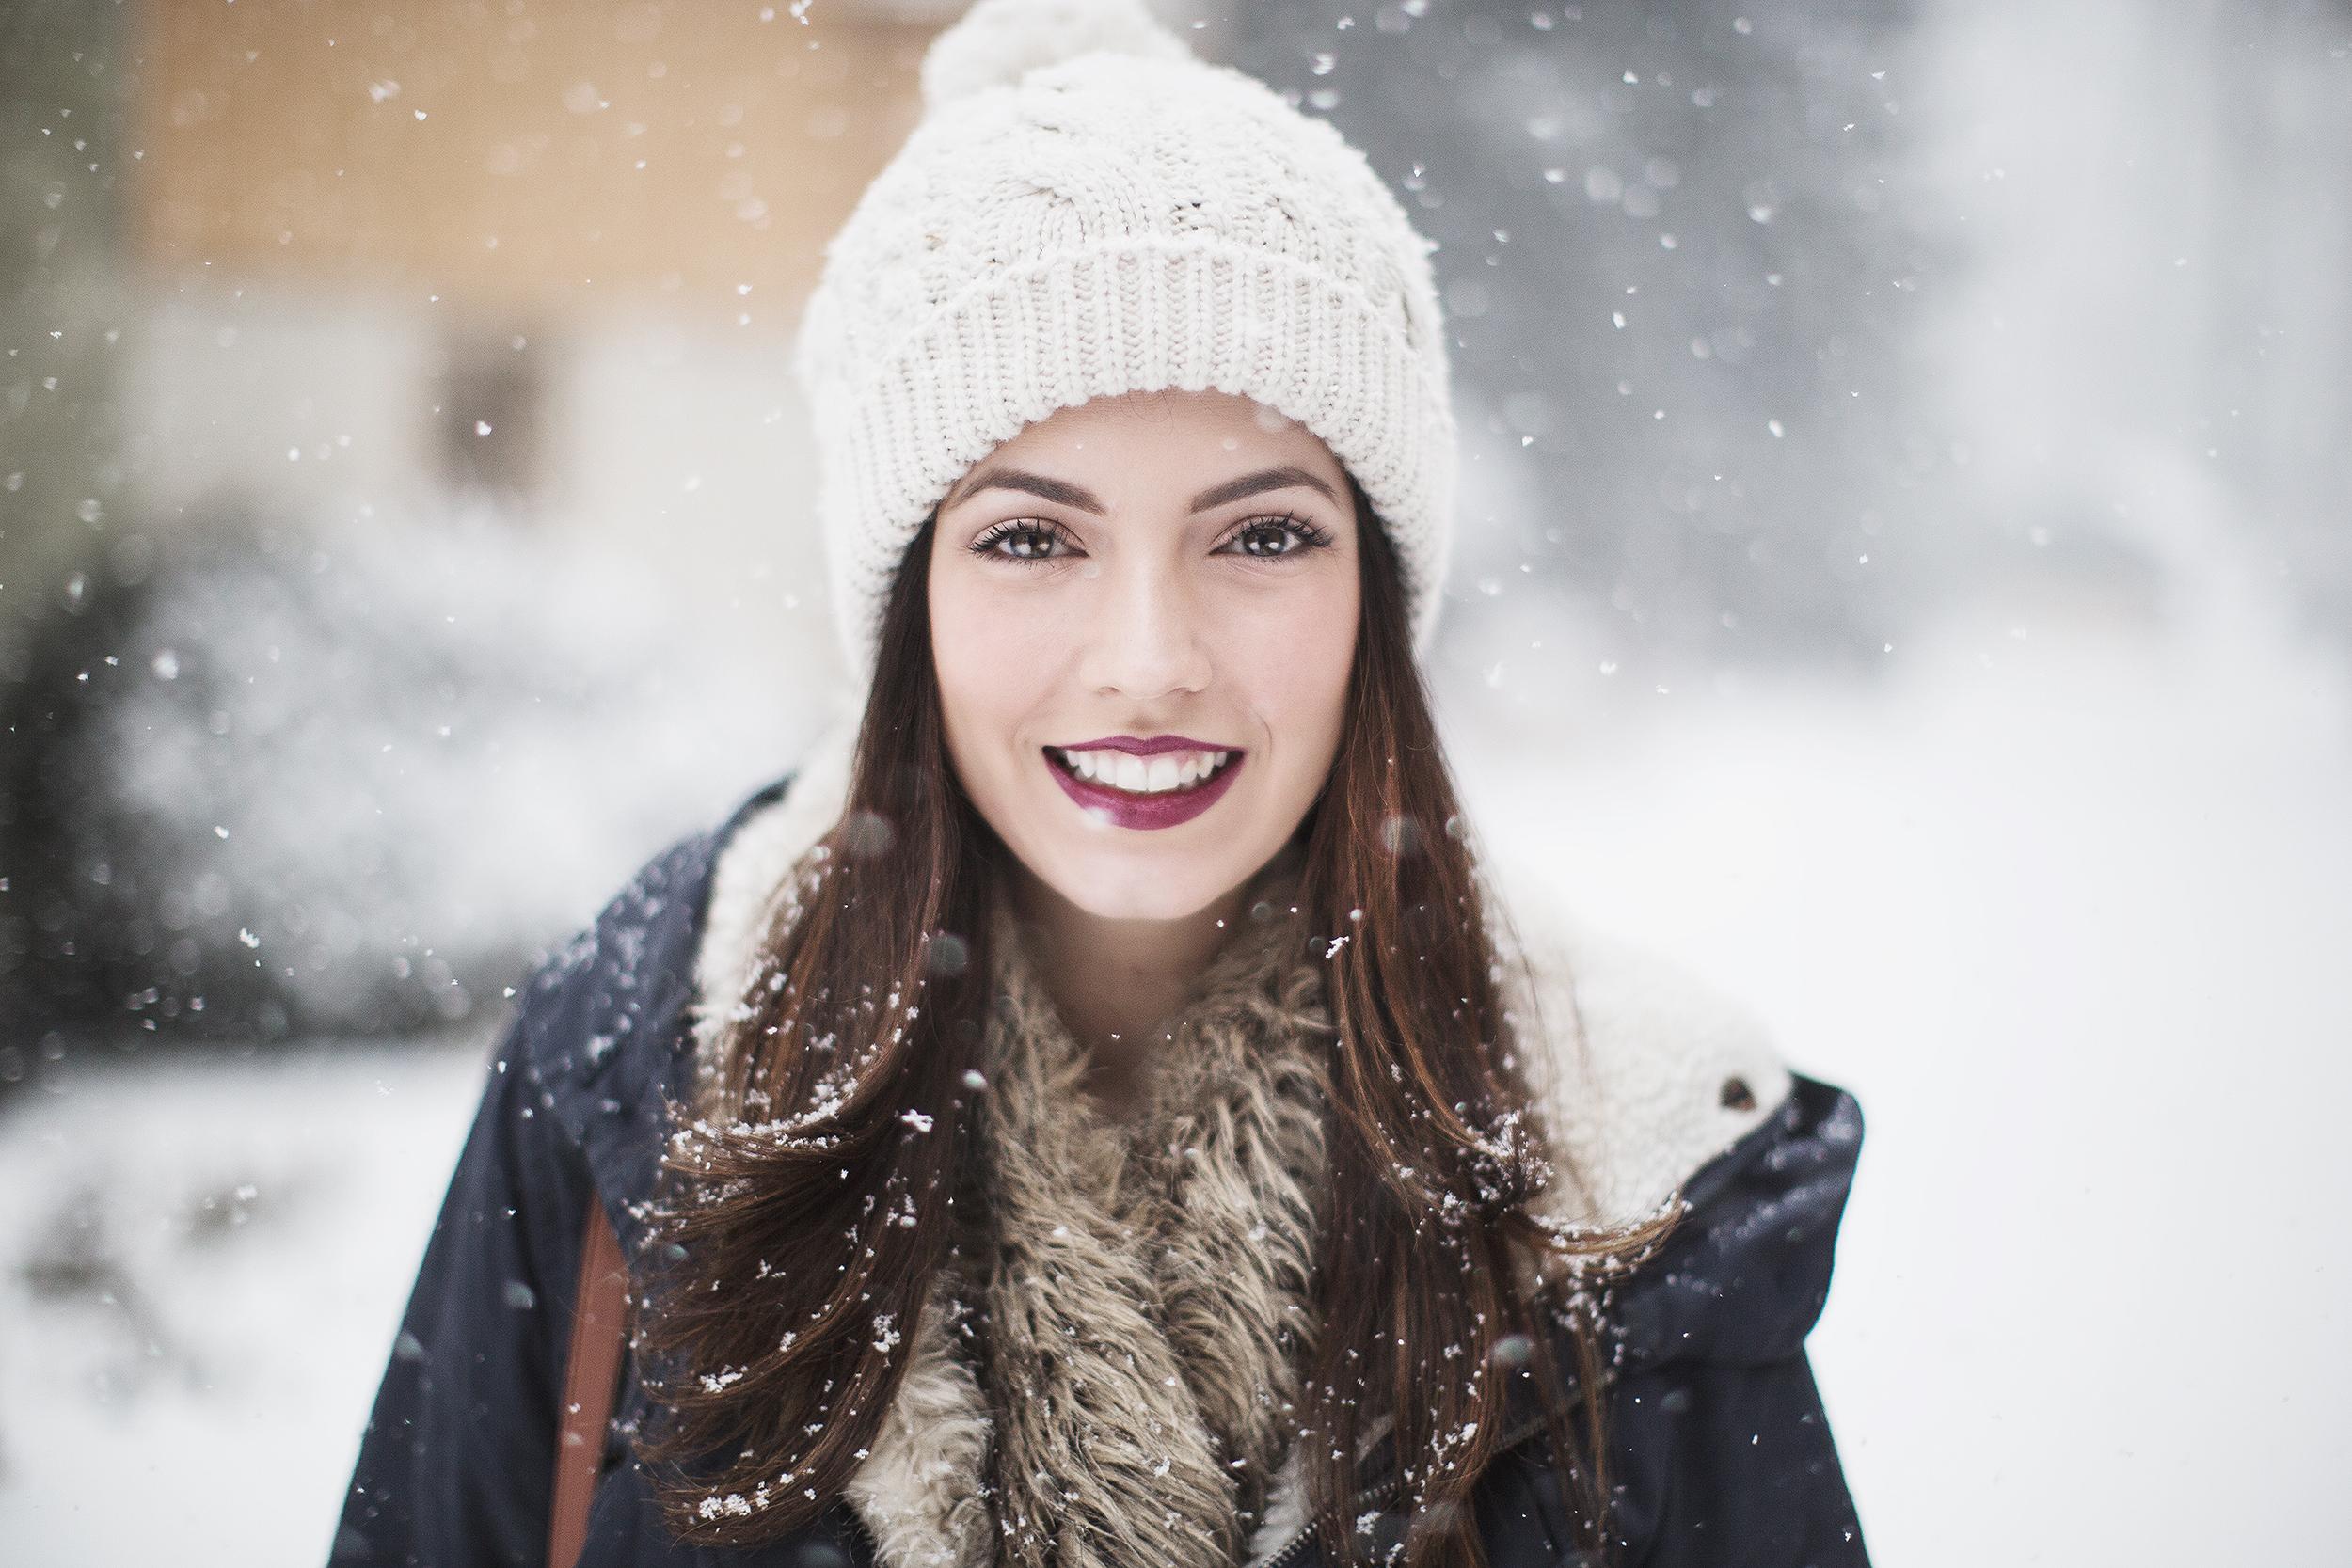 блинов как фотографировать зимой со снегом портрет того